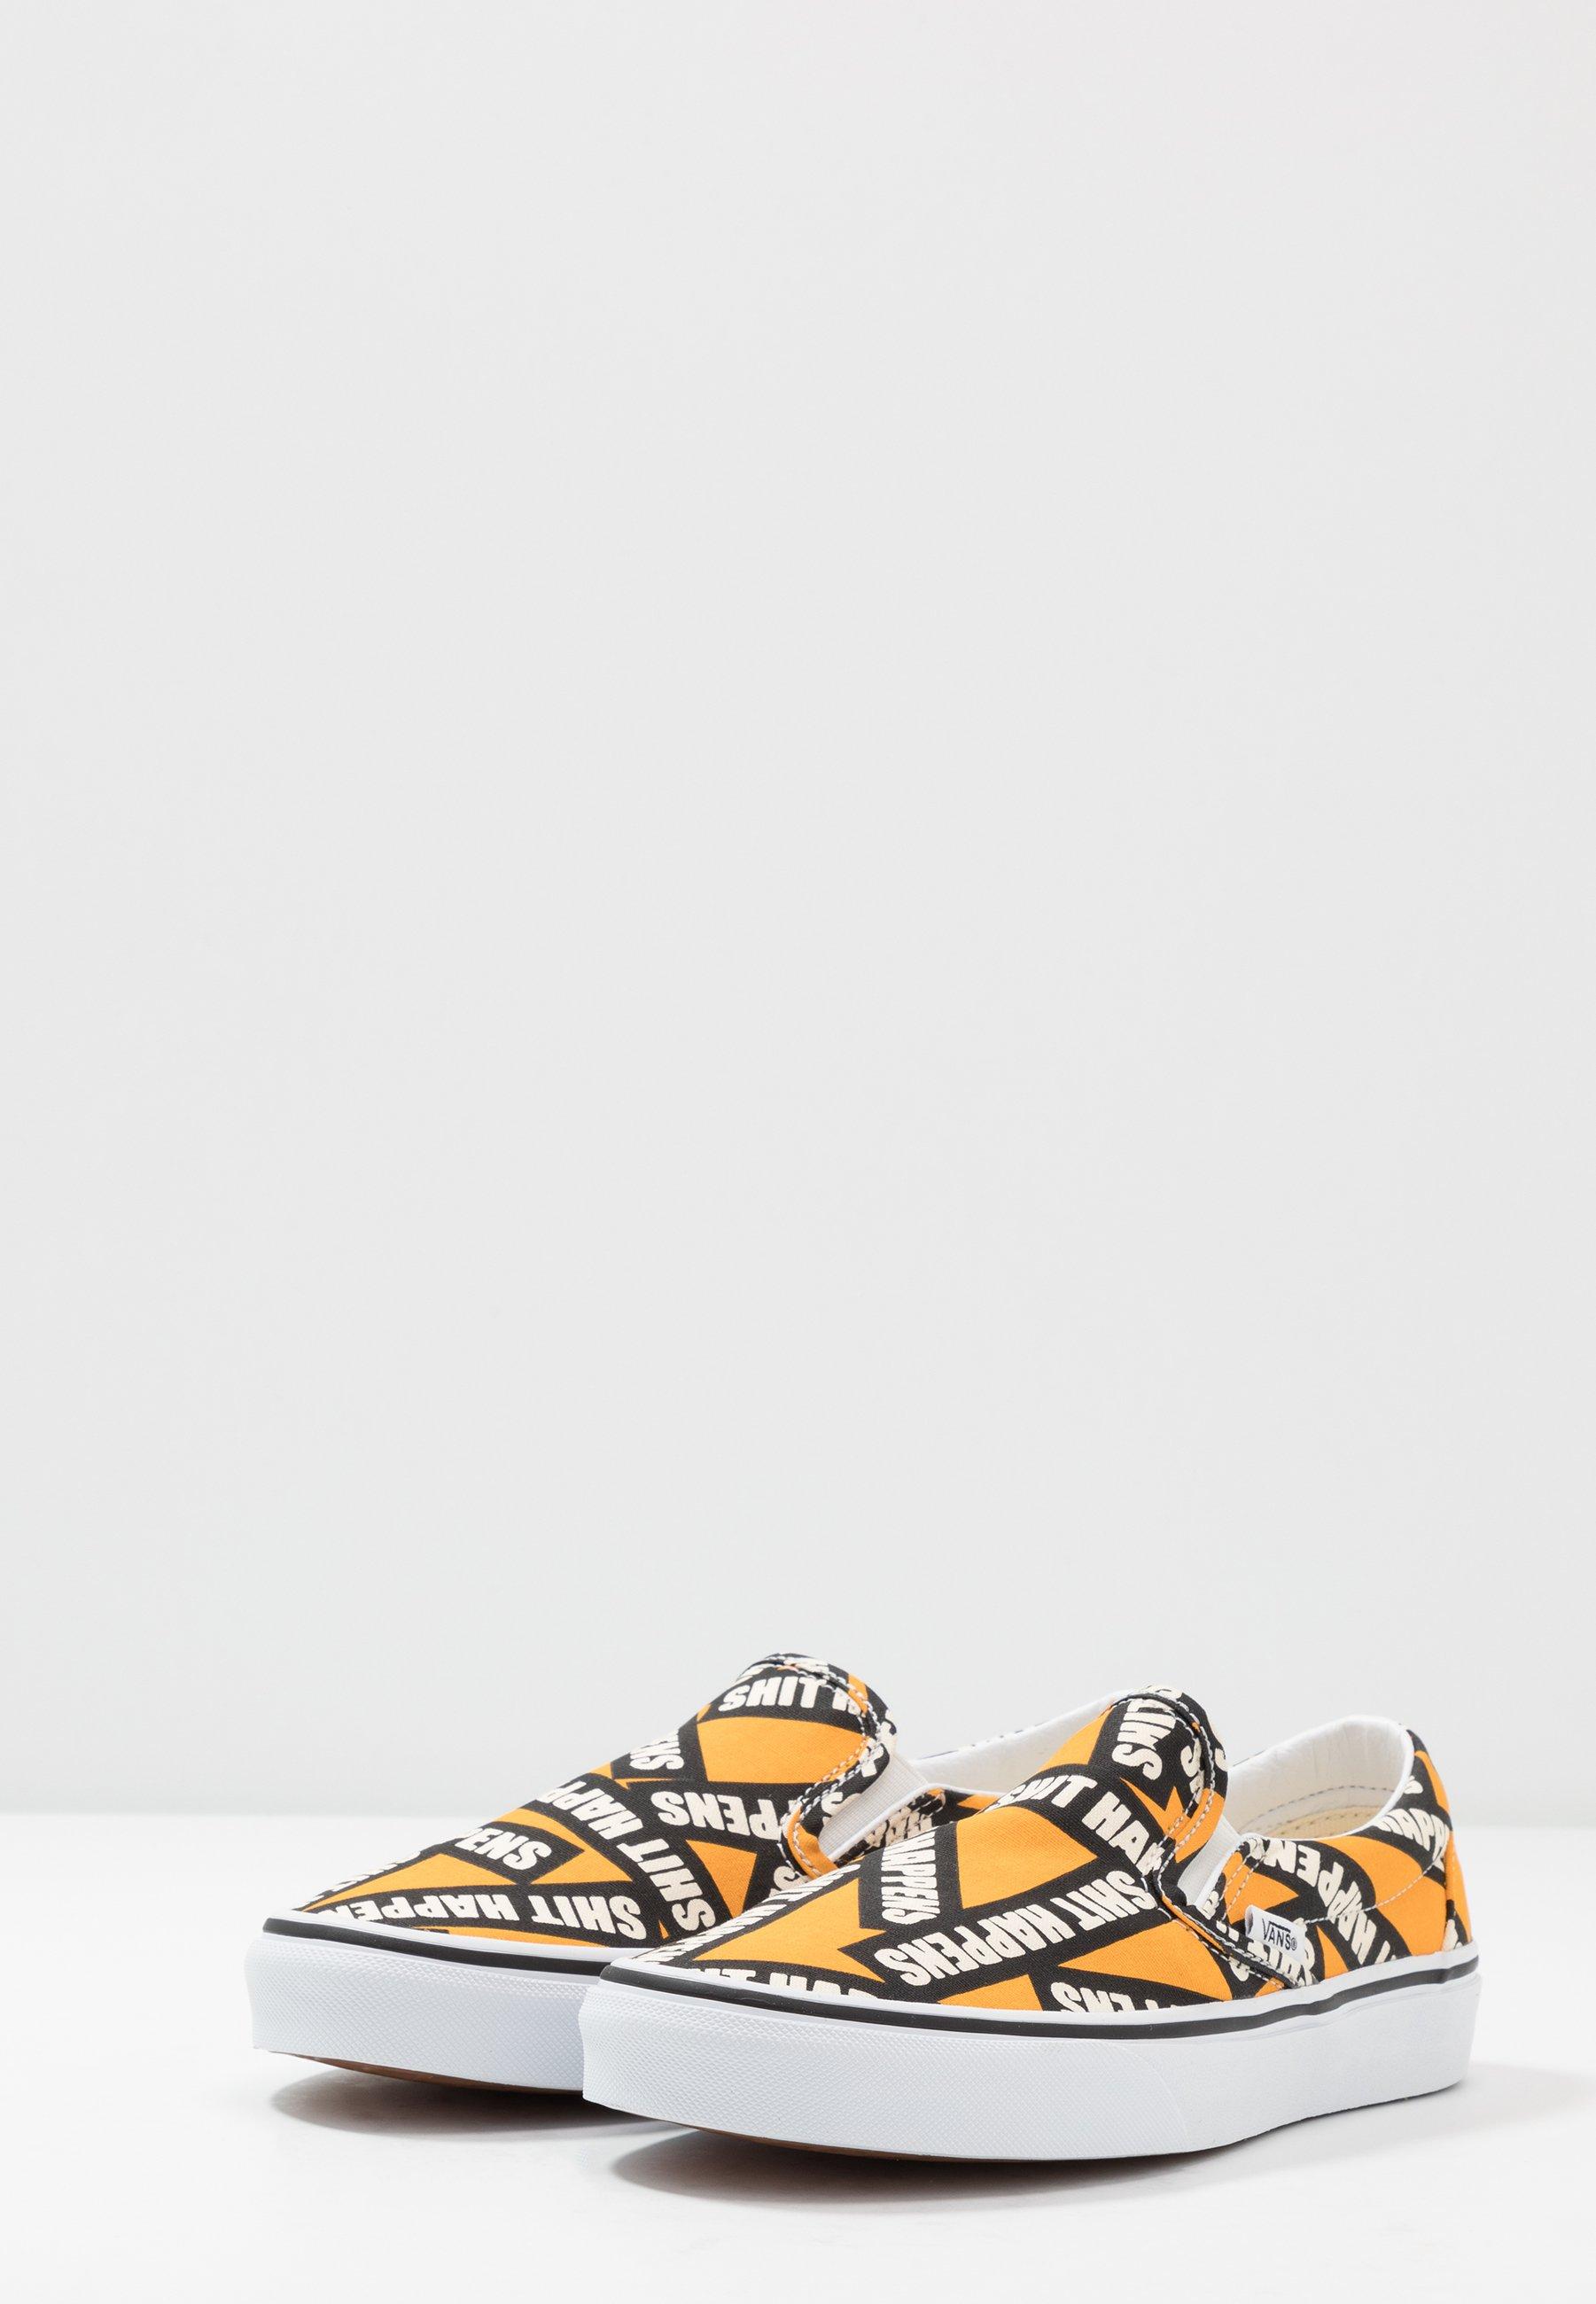 Vans Classic - Slip-ons Cadmium Yellow/true White